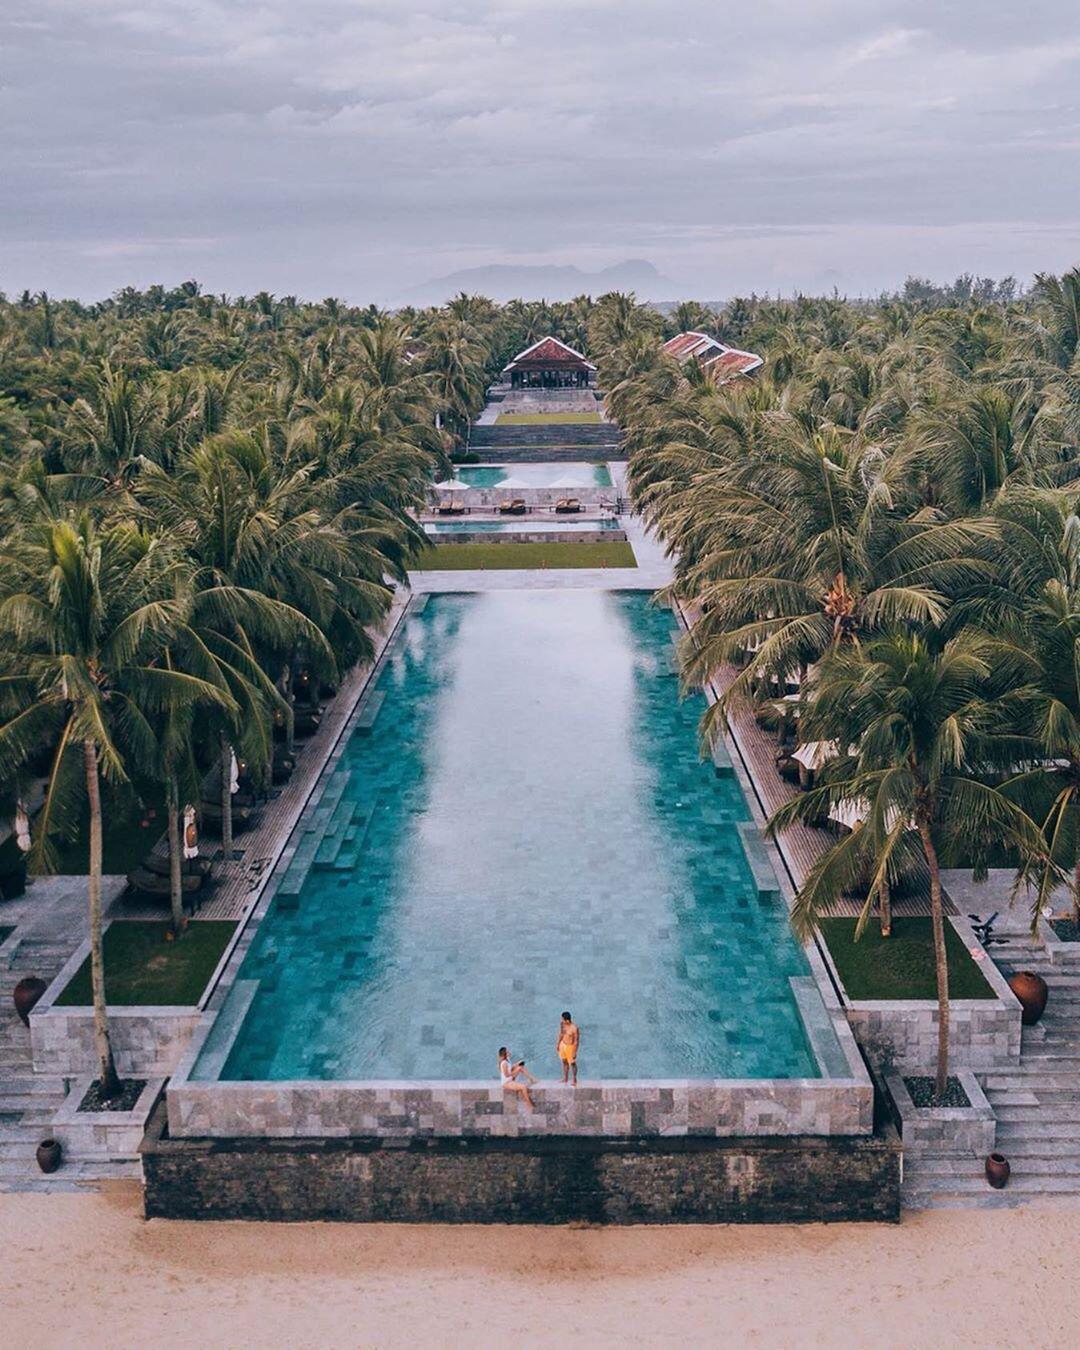 5 khách sạn Việt Nam nằm trong danh sách được xếp hạng sao năm 2020 - Ảnh 1.